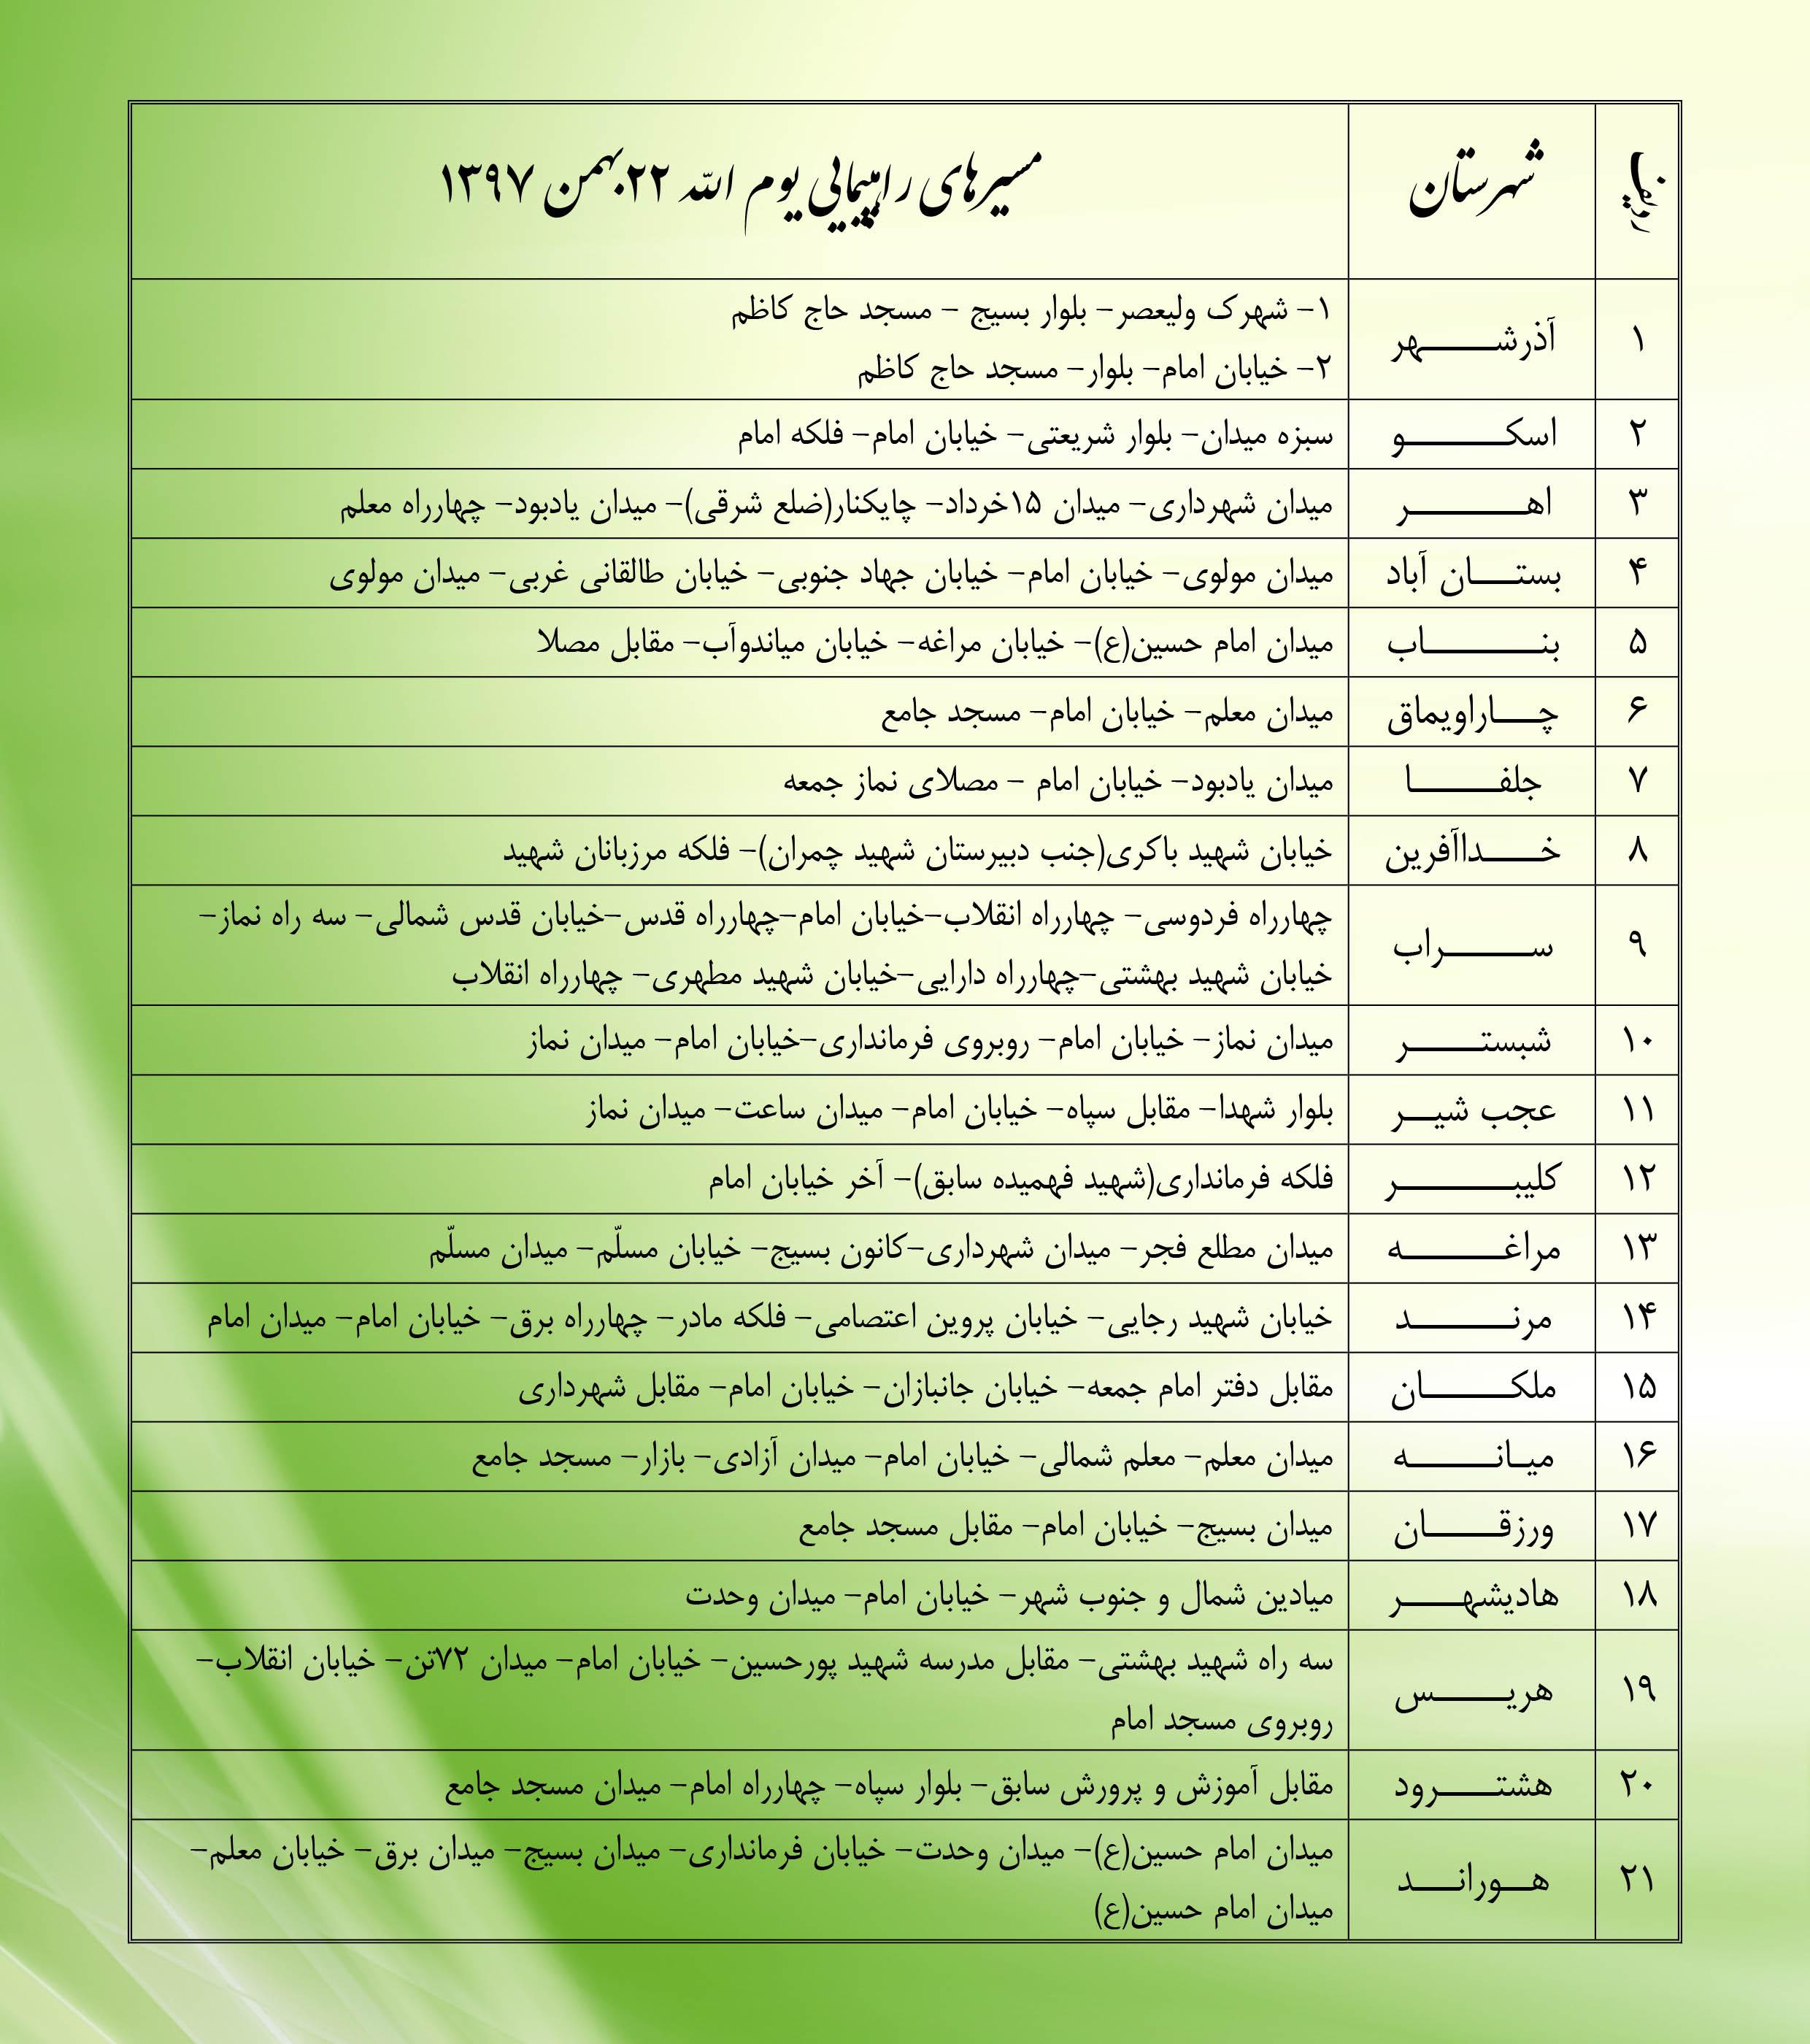 اعلام مسیرهای راهپیمایی 22 بهمن آذربایجان شرقی